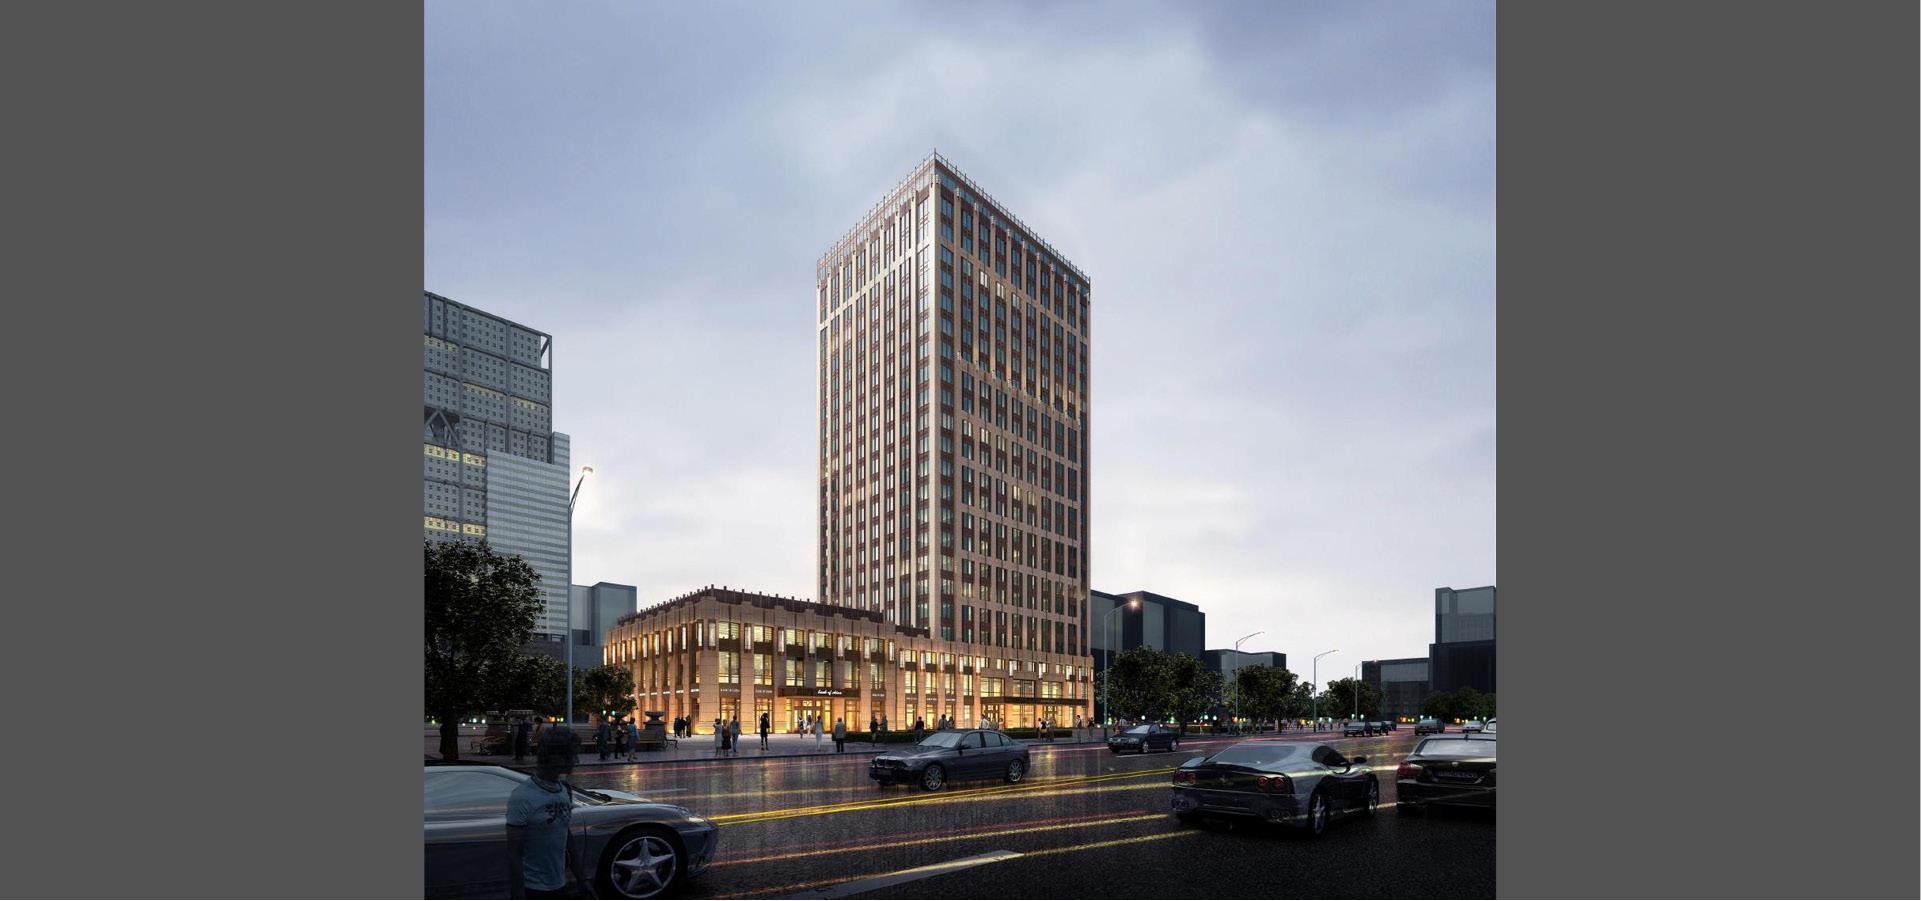 青岛金融中心大厦 - 北洋设计图片